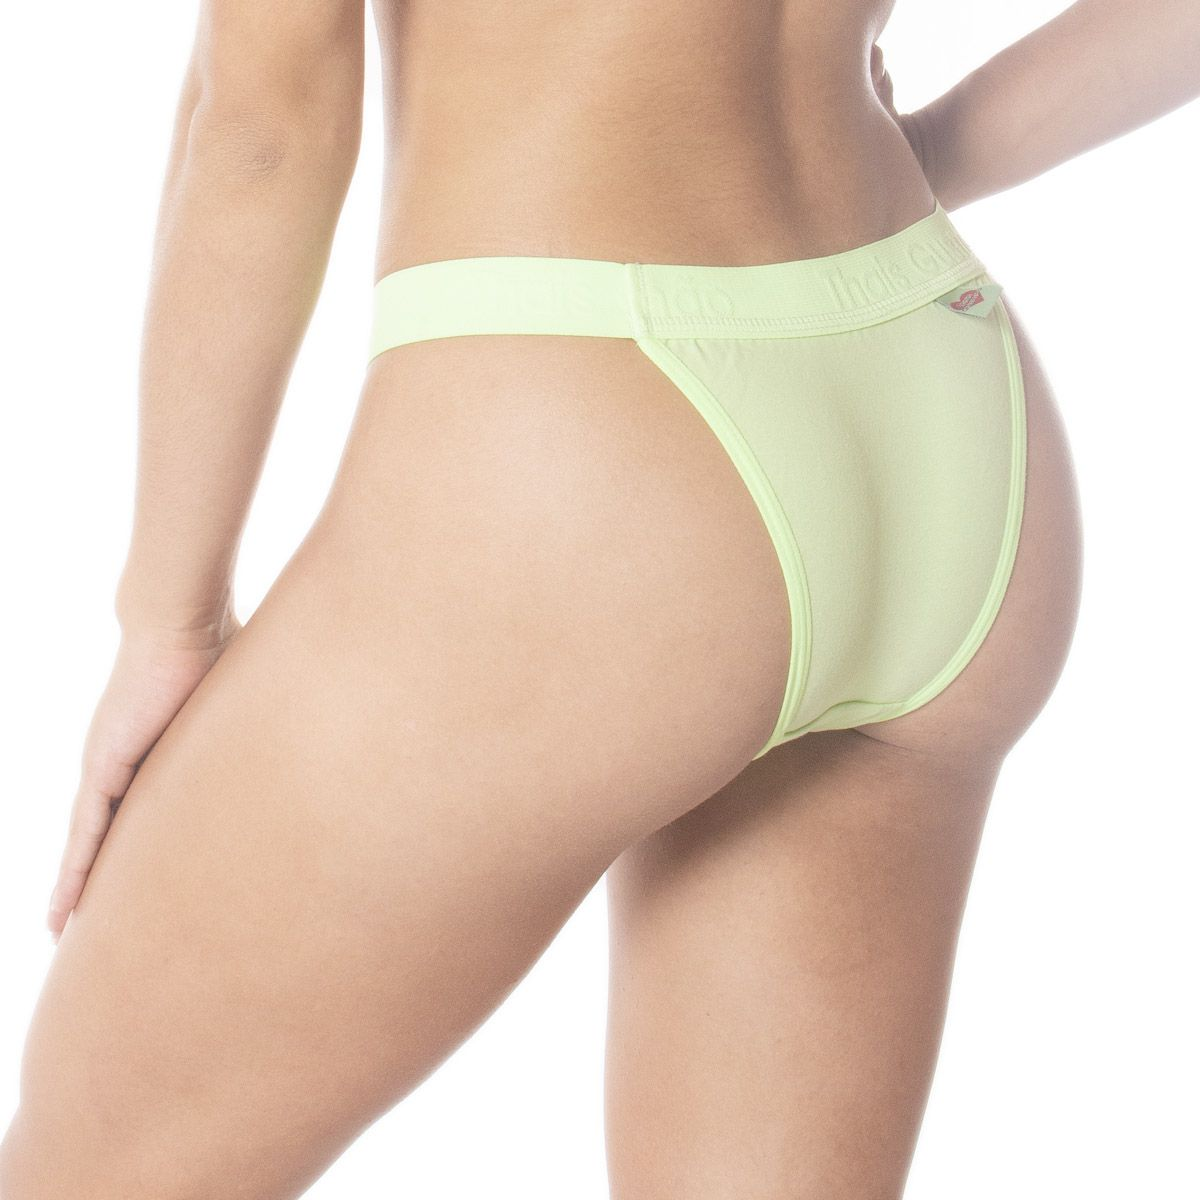 Calcinha modelo tanga algodão Neon  -